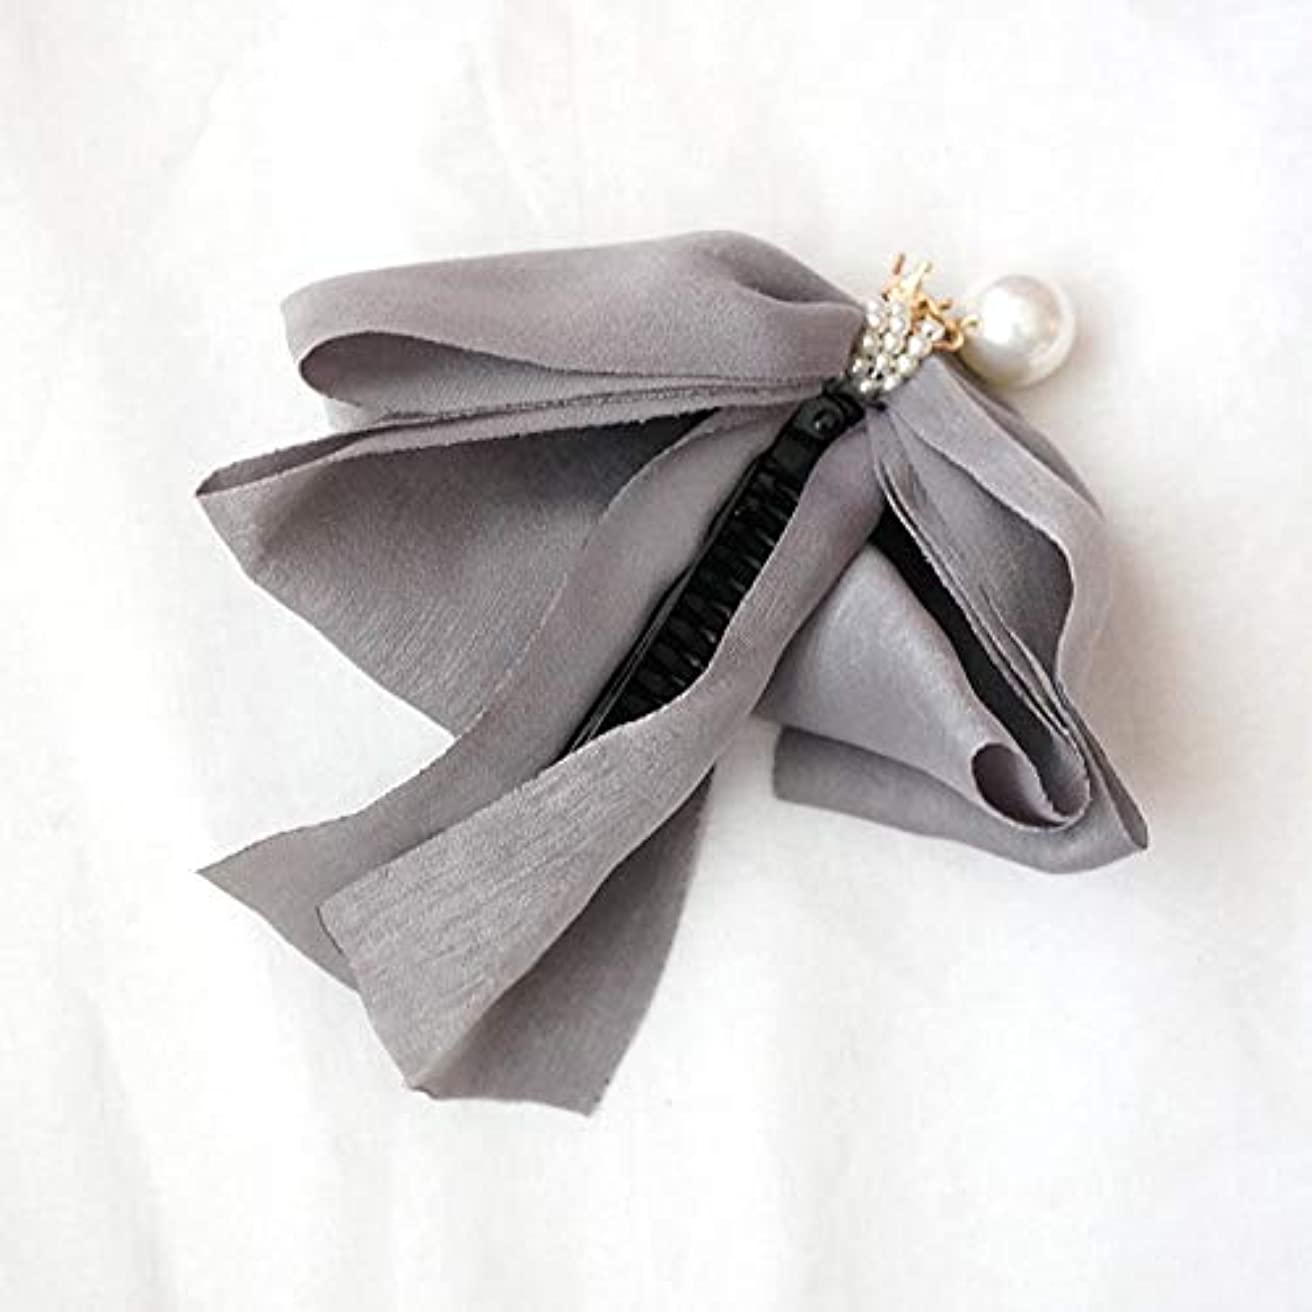 剣矢洗剤HuaQingPiJu-JP ファッションロゼットヘアピン便利なヘアクリップ女性の結婚式のアクセサリー(グレー)